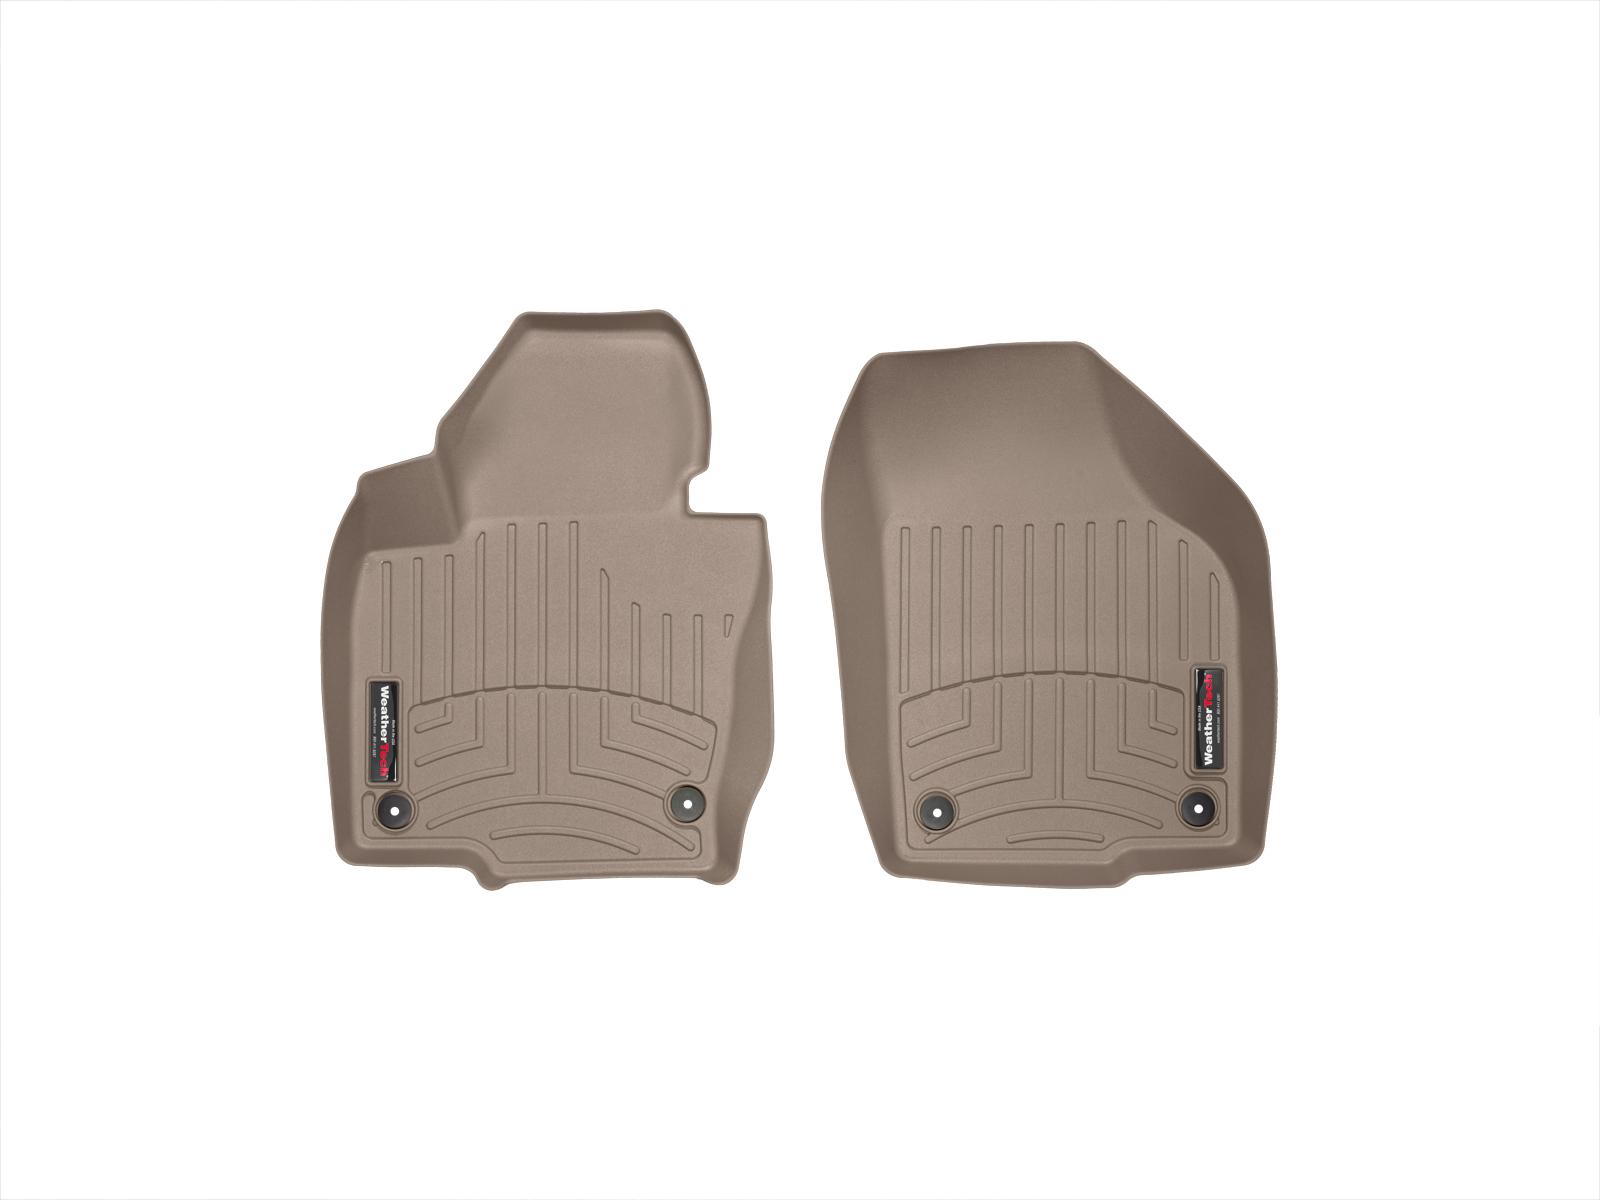 Tappeti gomma su misura bordo alto Volkswagen Tiguan 16>16 Marrone A4269*